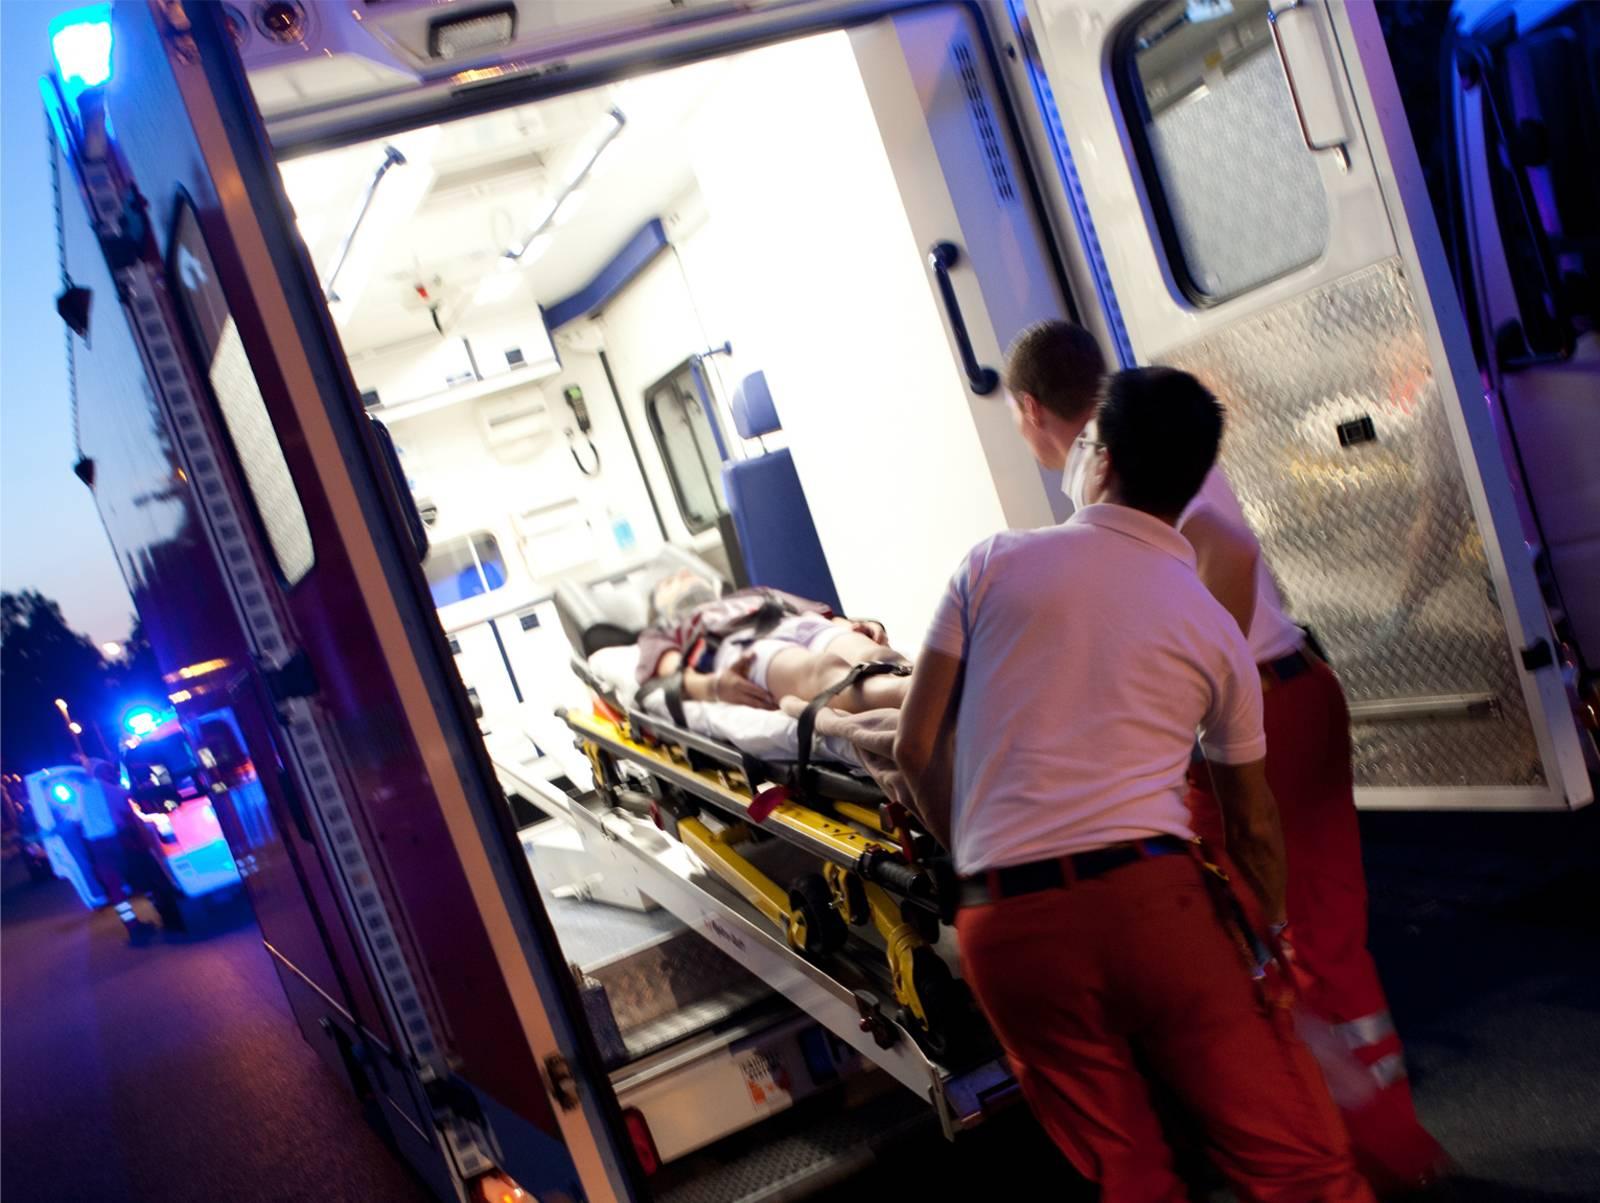 Rettungsassistenten befestigen die Trage mit Patient auf dem Tragentisch eines RTW